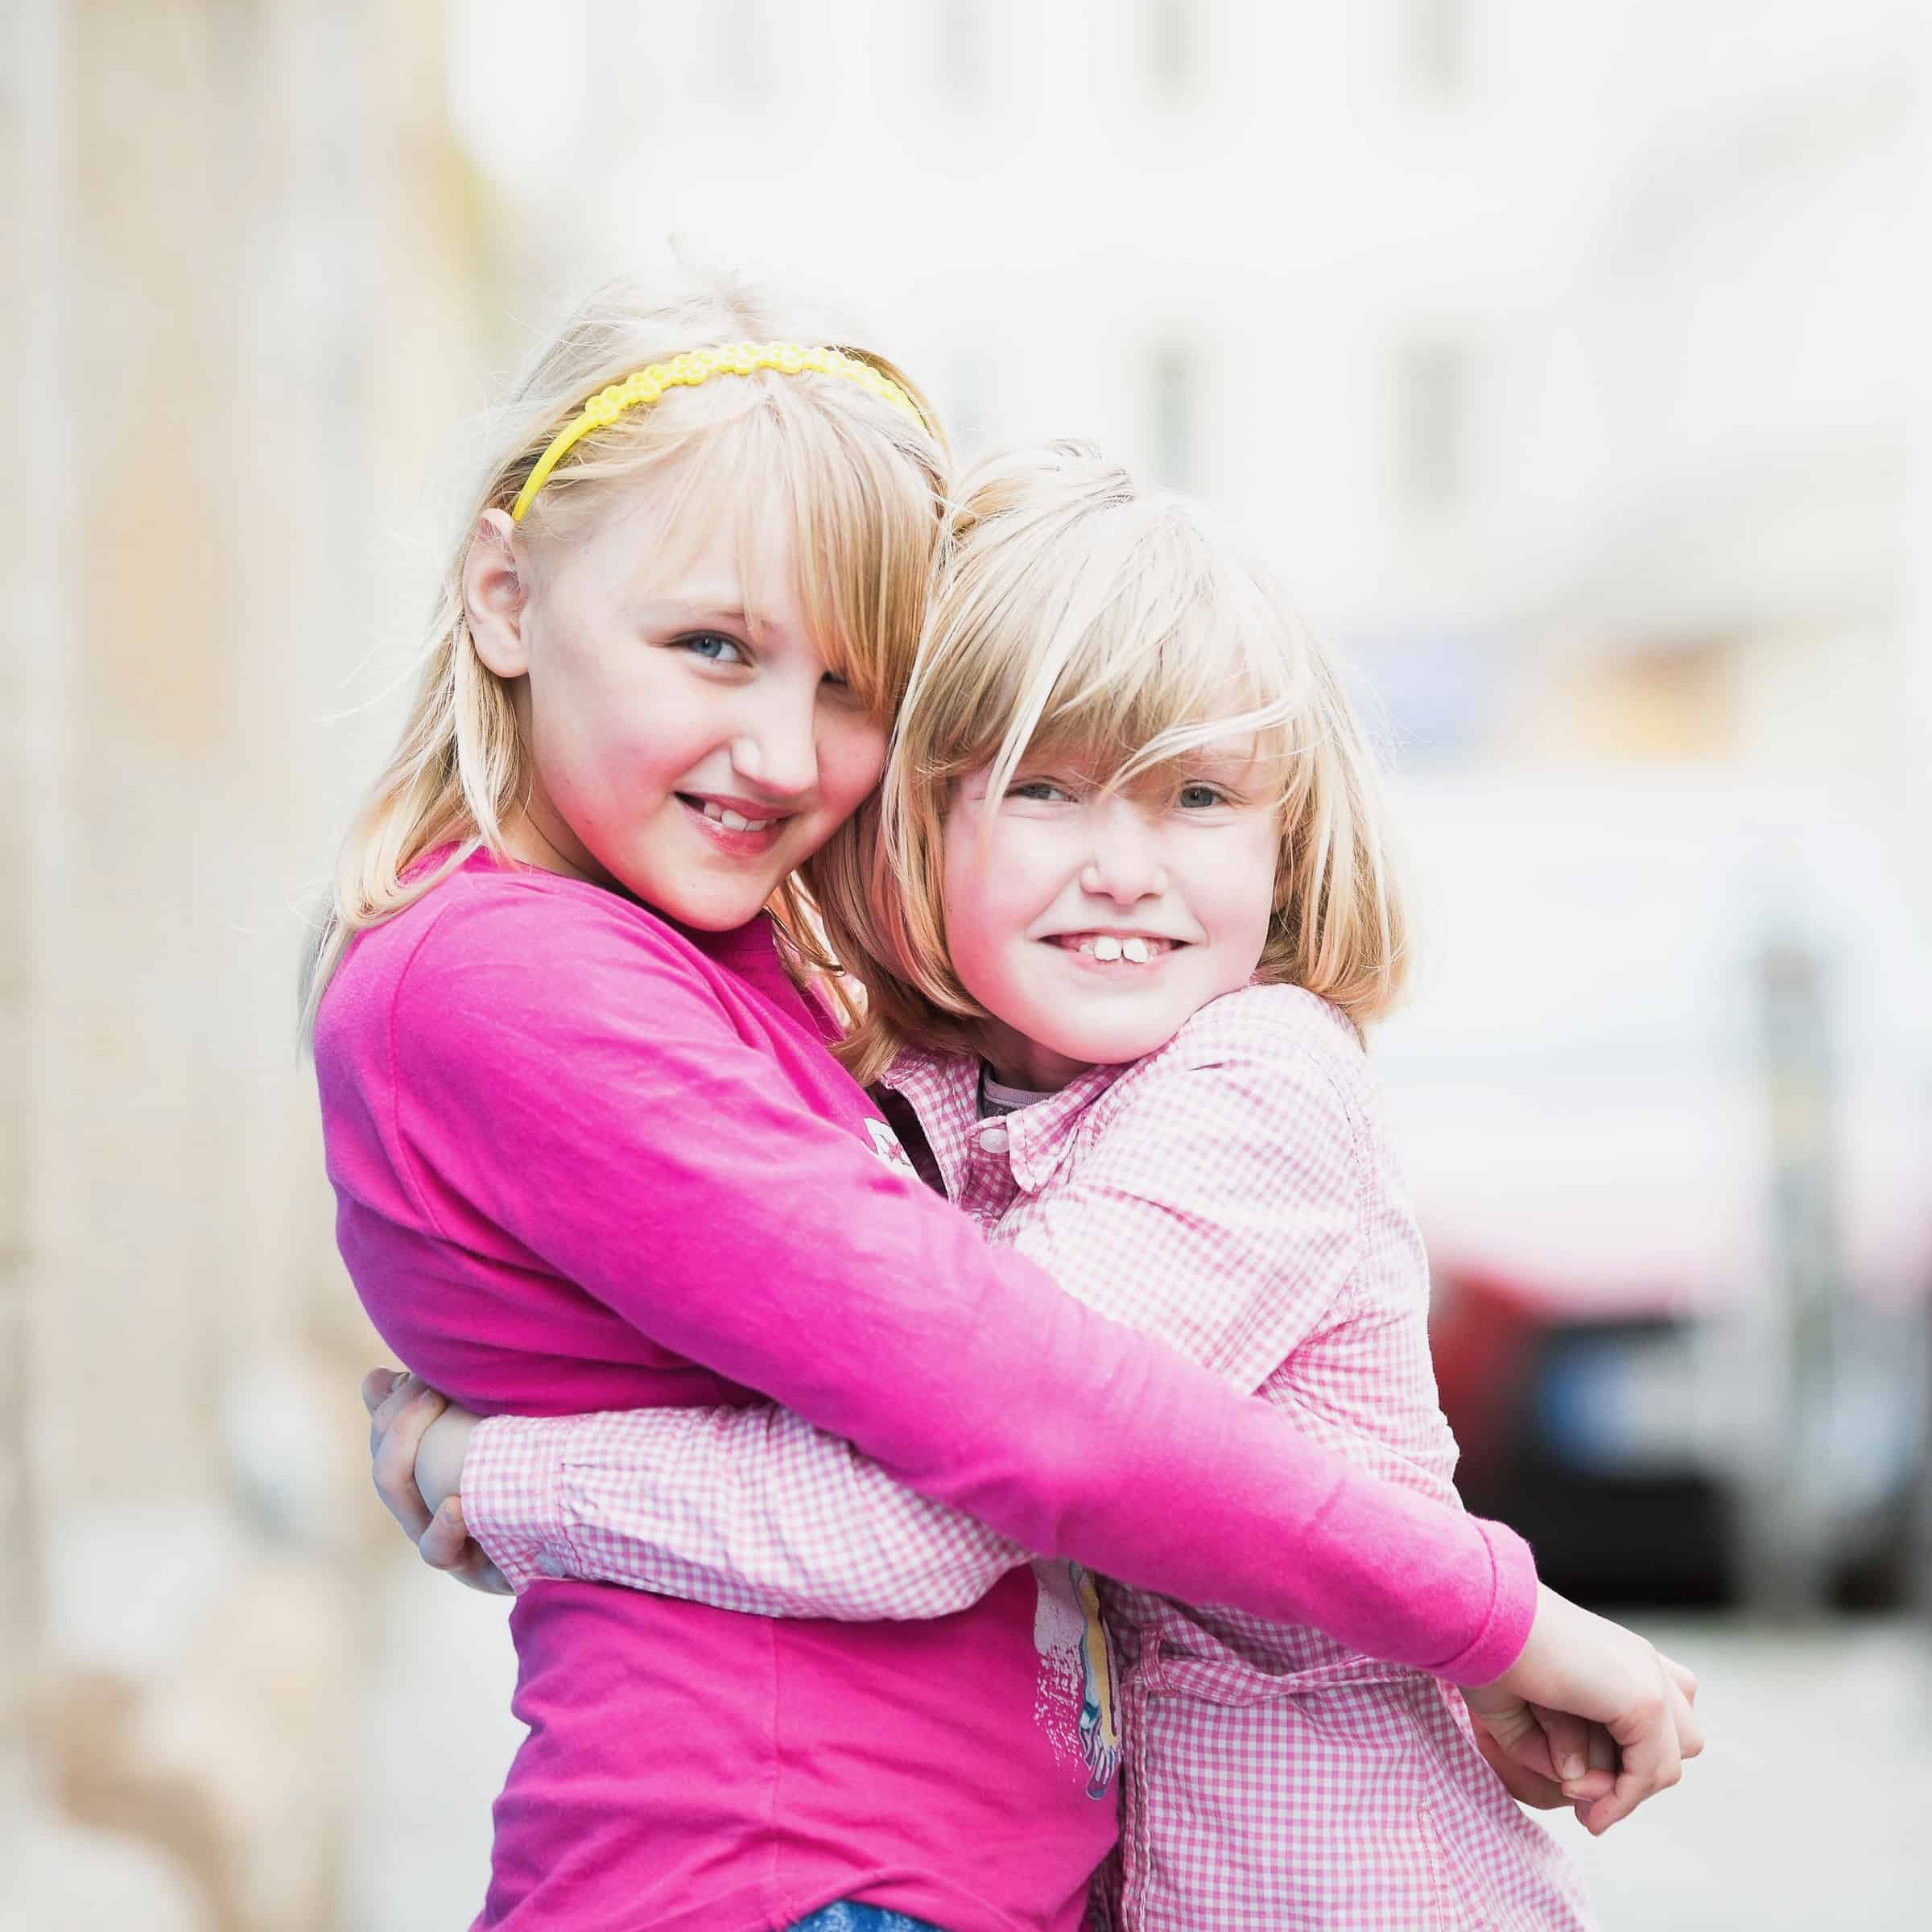 Kinder fördern. Zwei junge Freundinnen aus dem Kidstreff.